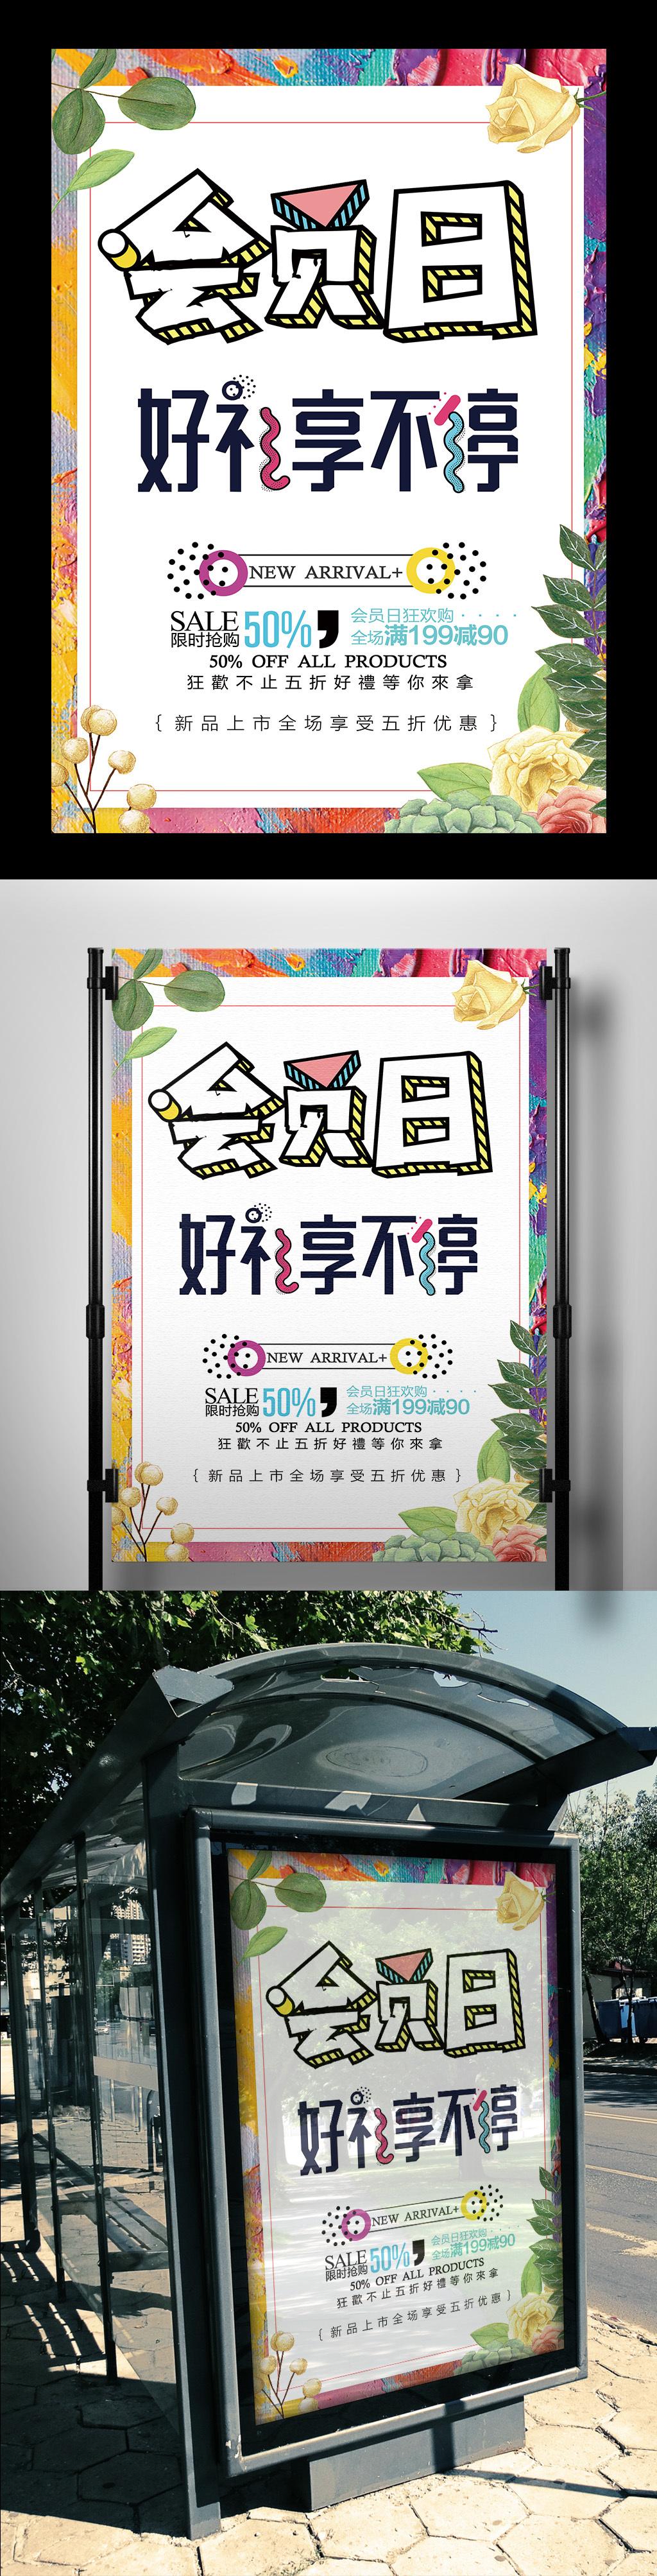 平面|广告设计 海报设计 pop海报 > 2017年简约绚丽会员日海报模板